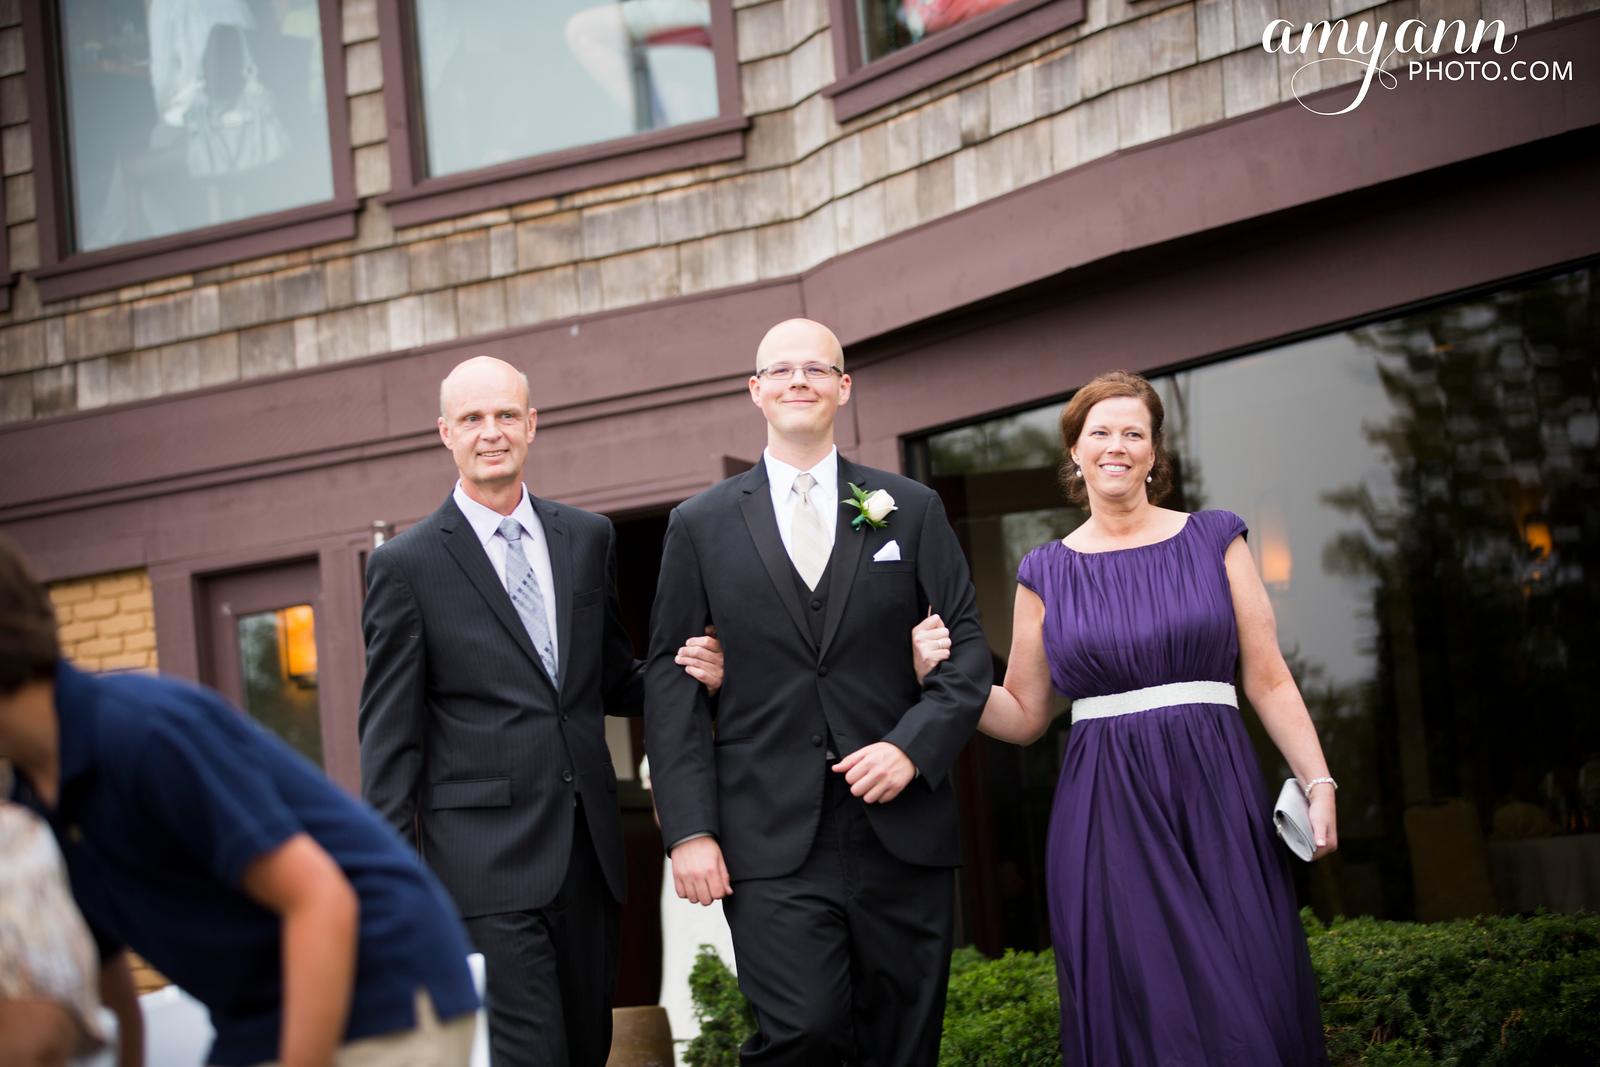 liznick_wedding28